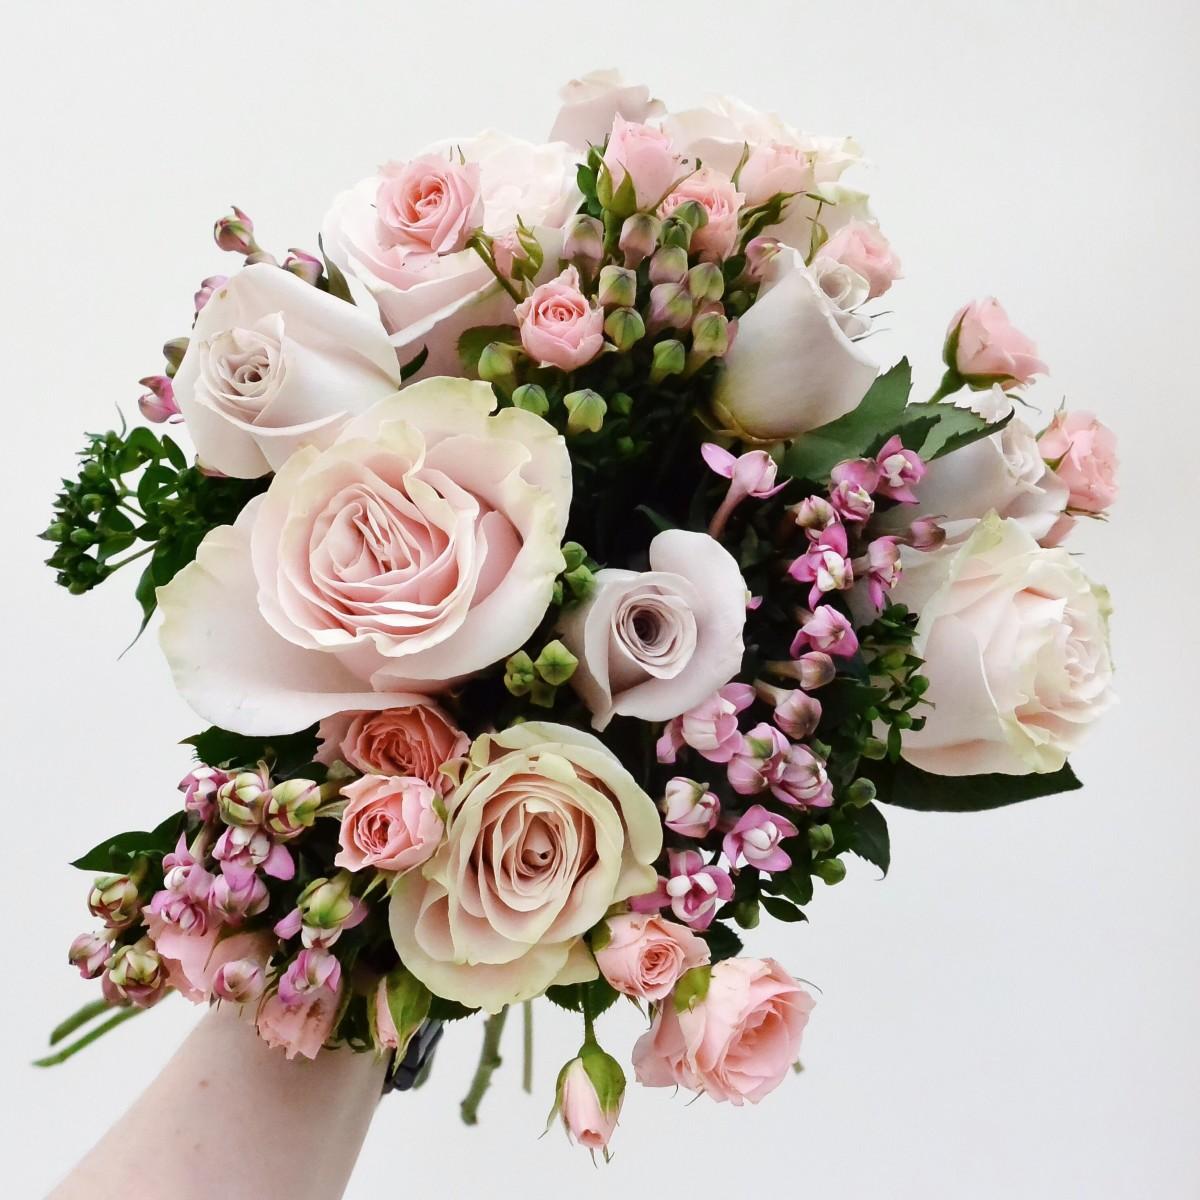 Online floral bouquet